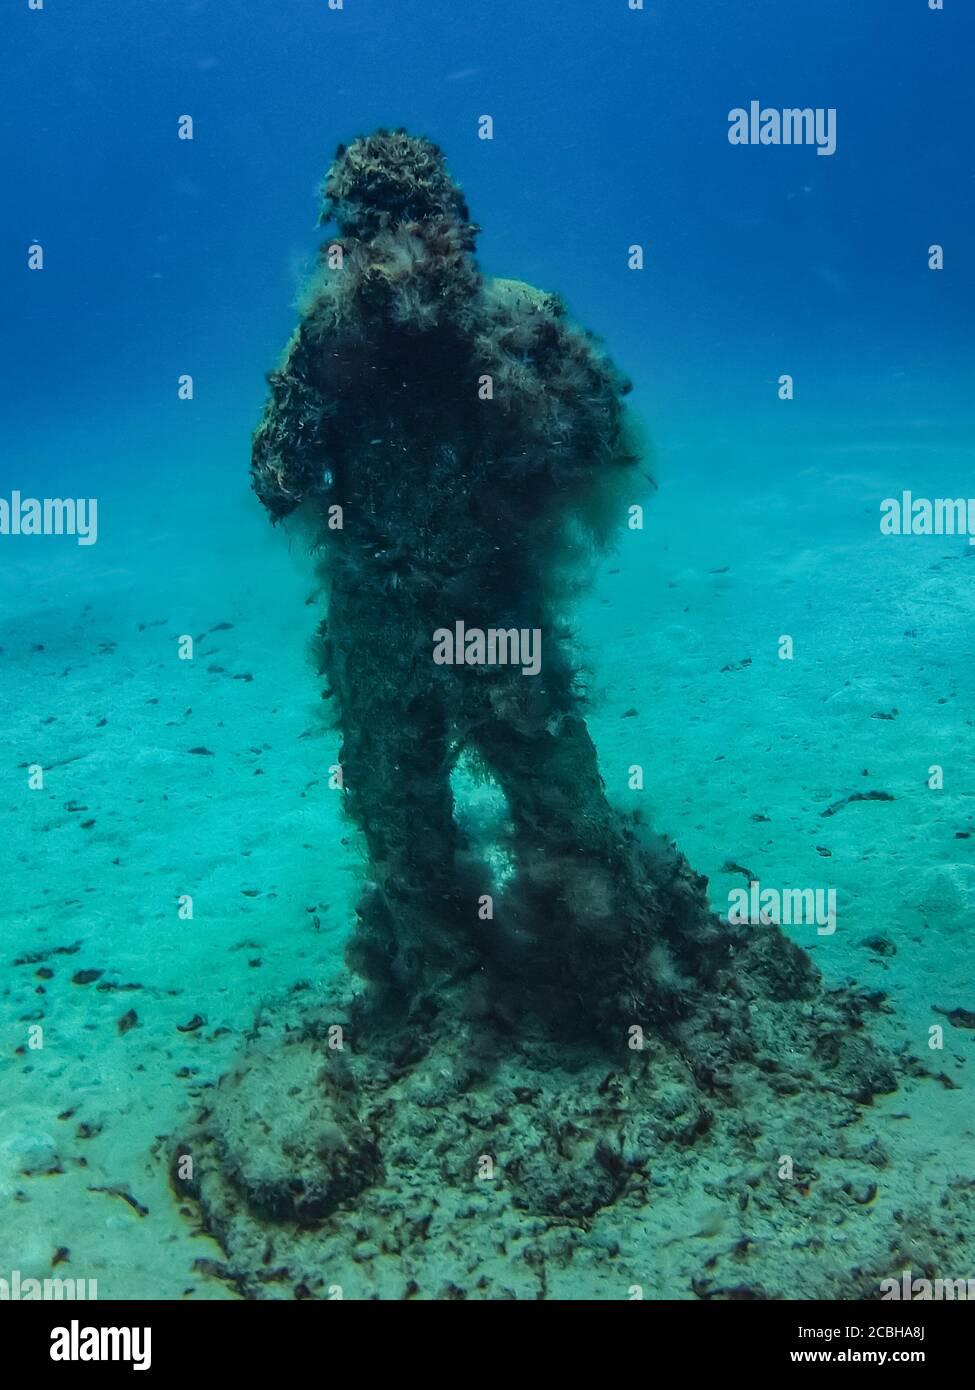 foto-op-sculpture-of-an-underwater-photo